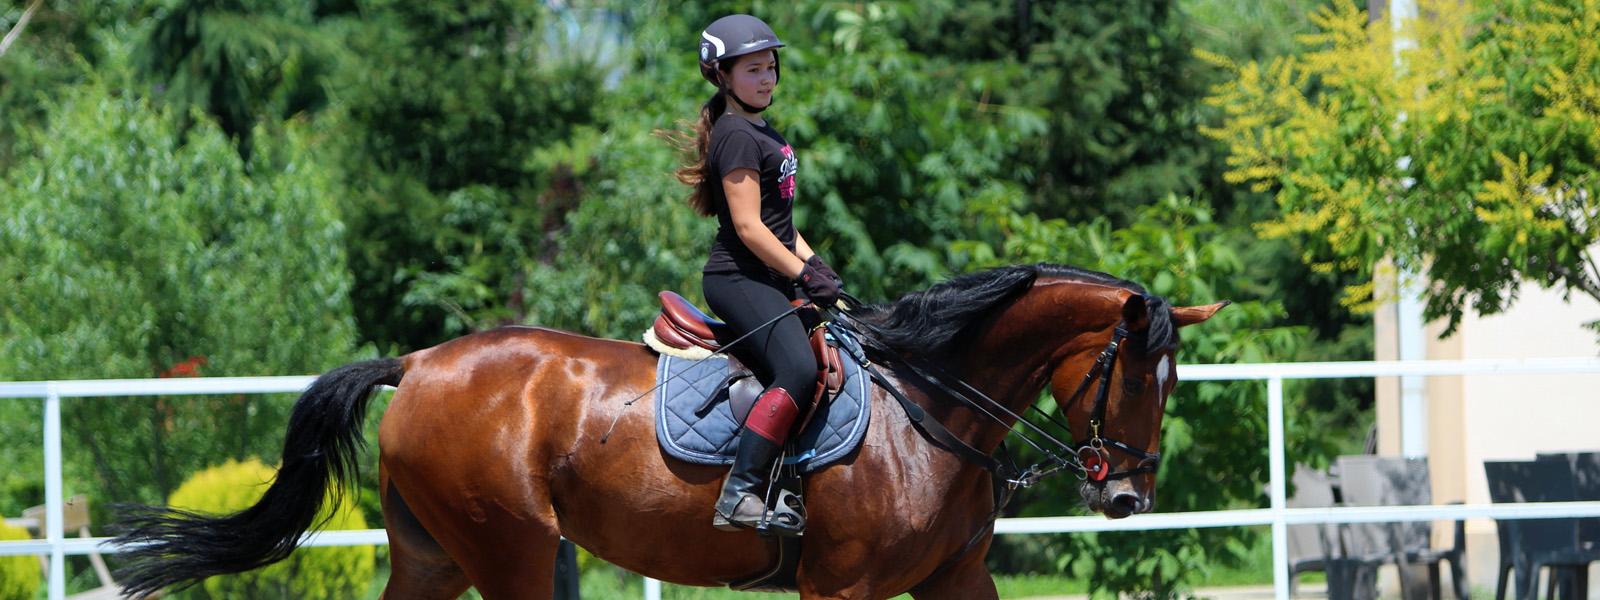 Evenimentul: Pe cai la Izvor, organizat de clubul de echitaţie Western Dream